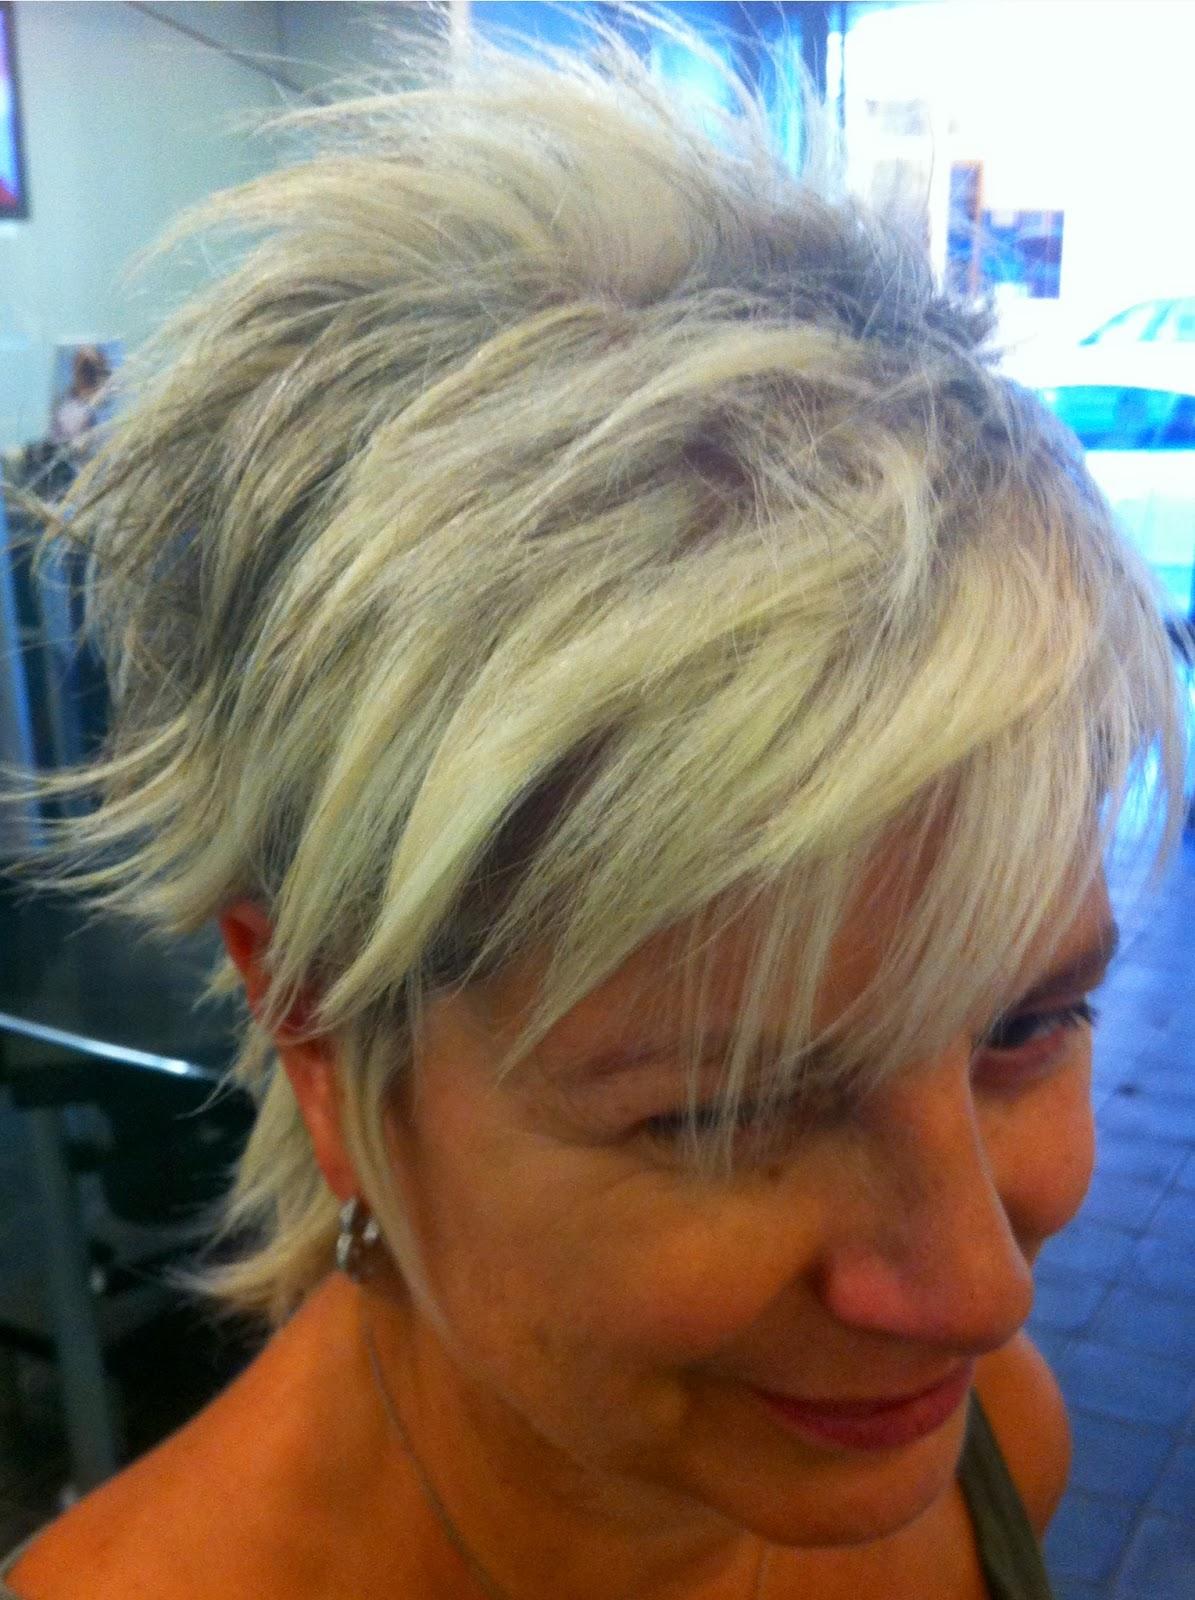 Renato coiffeur firenze rinunciare a tingere i capelli - Bagno di colore copre i capelli bianchi ...